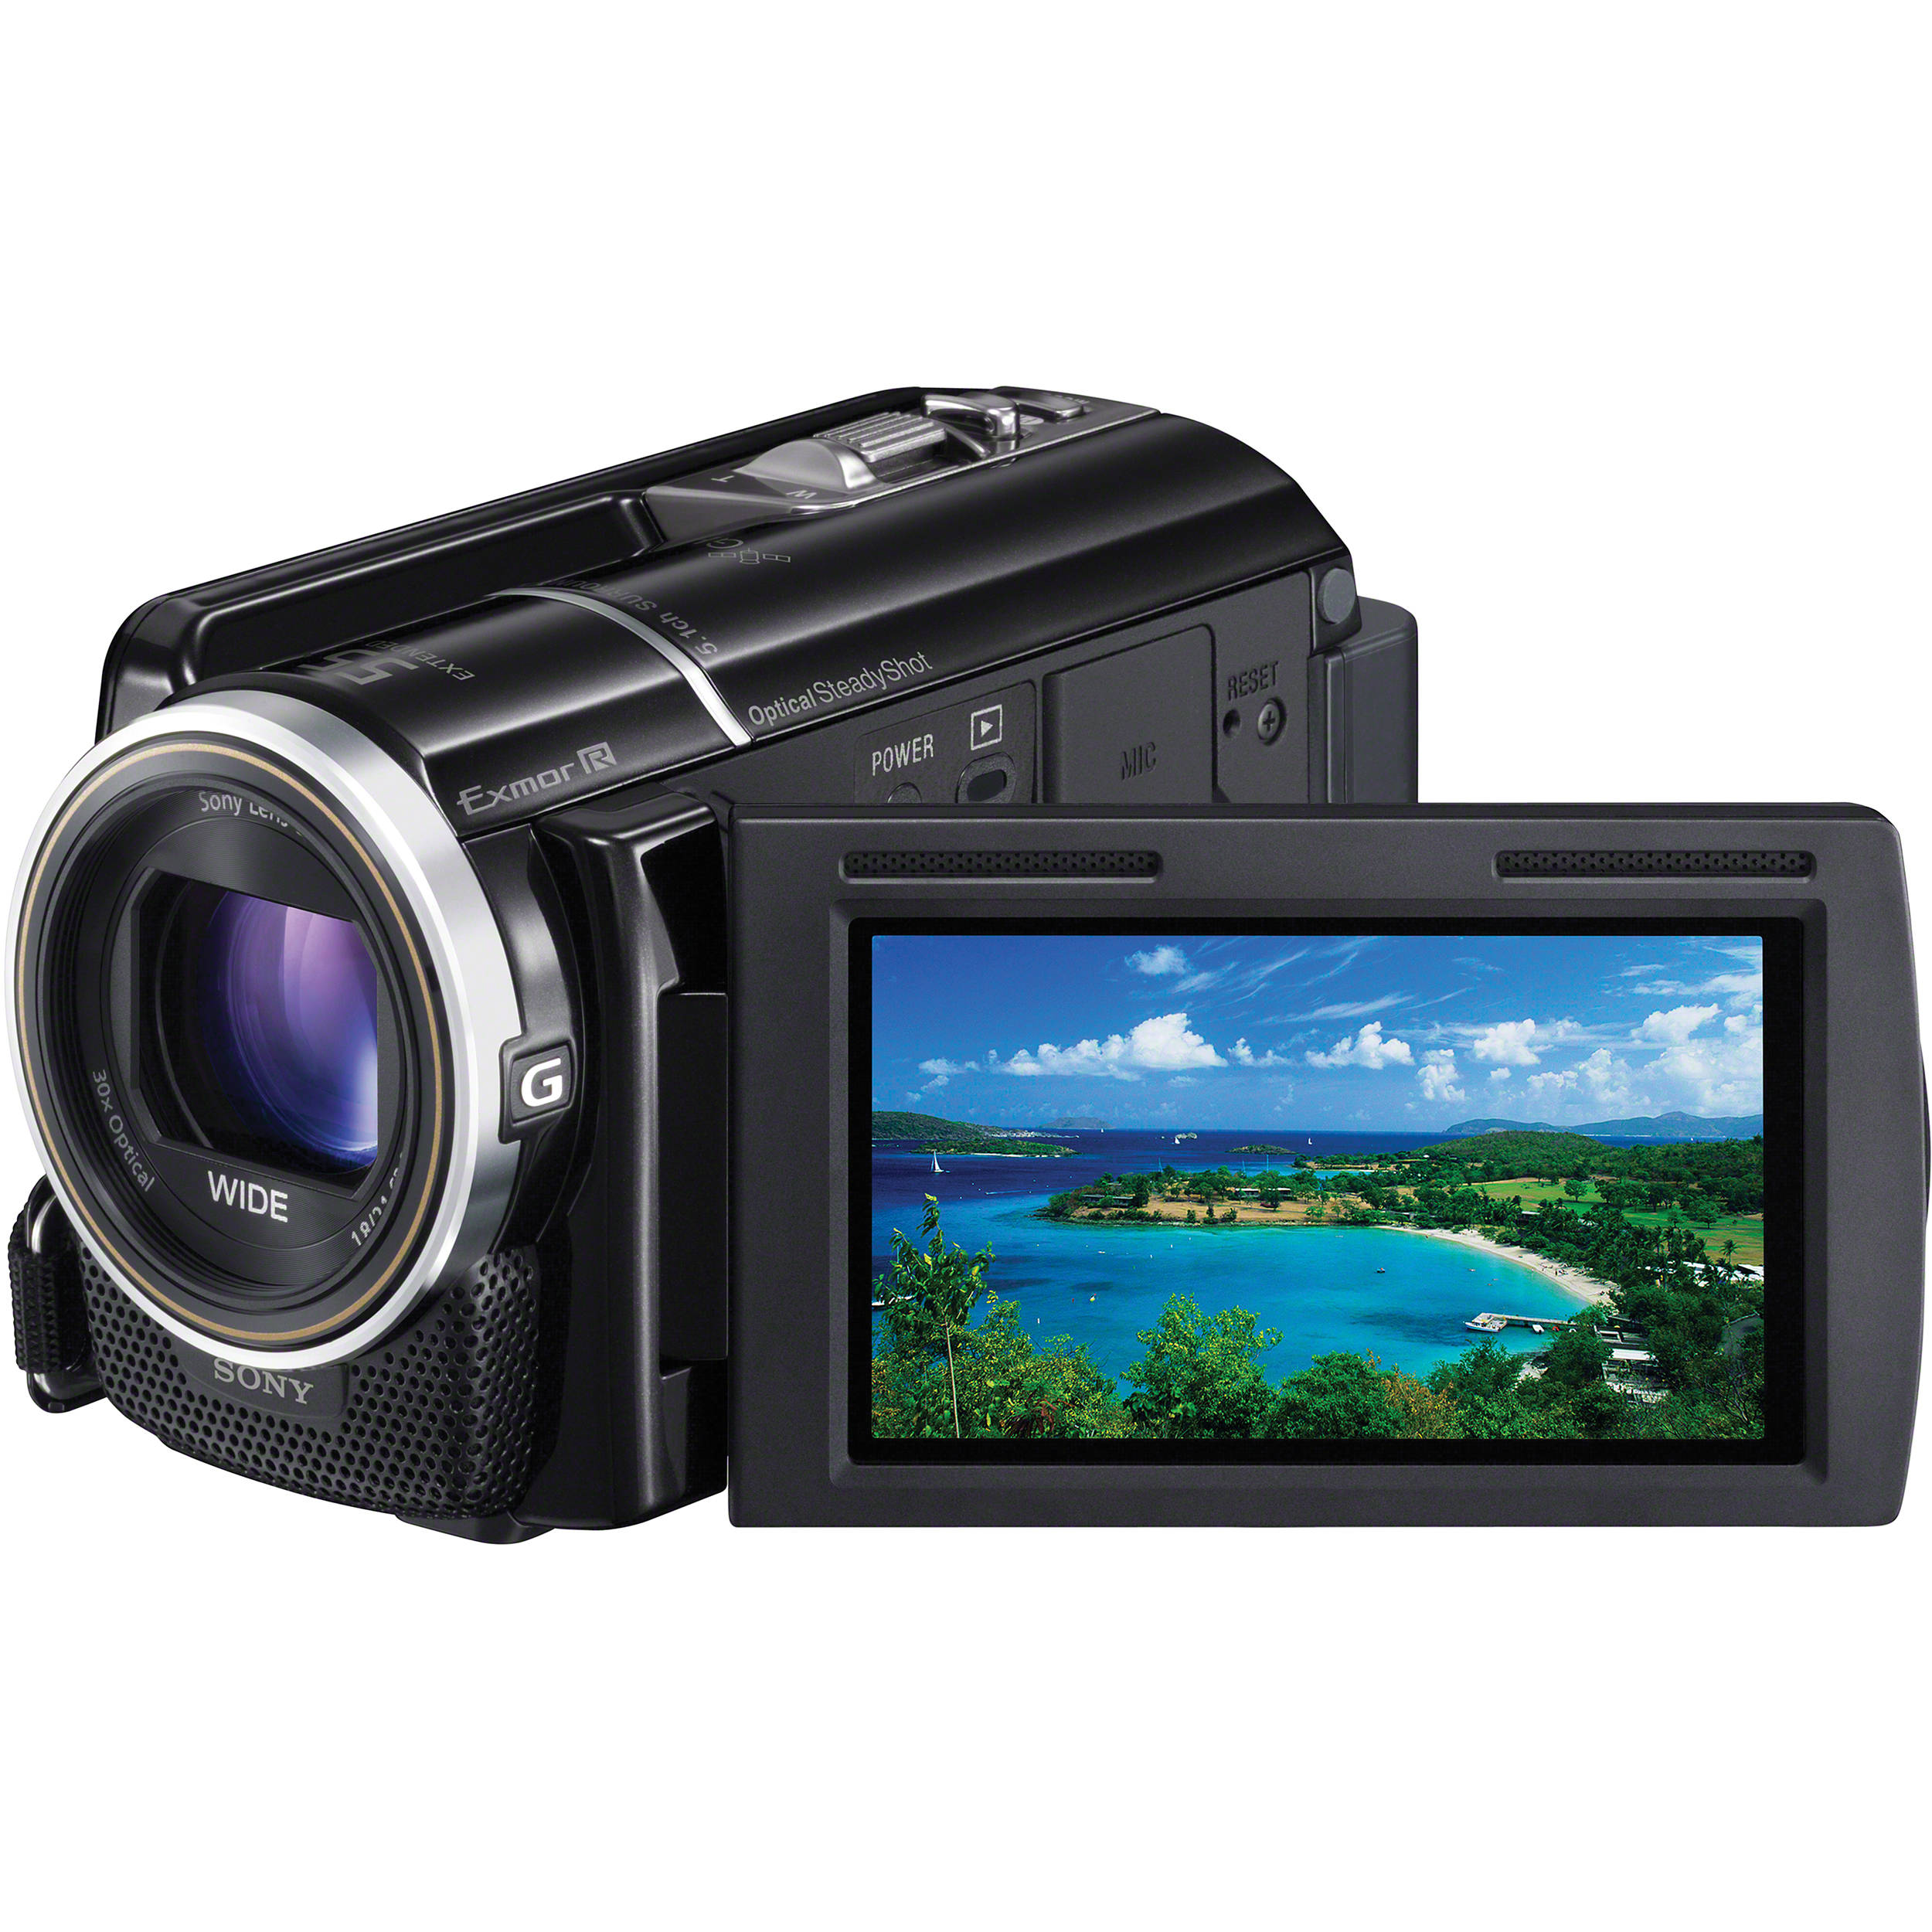 Sony HDR-XR260V High Definition Handycam Camcorder HDR-XR260V